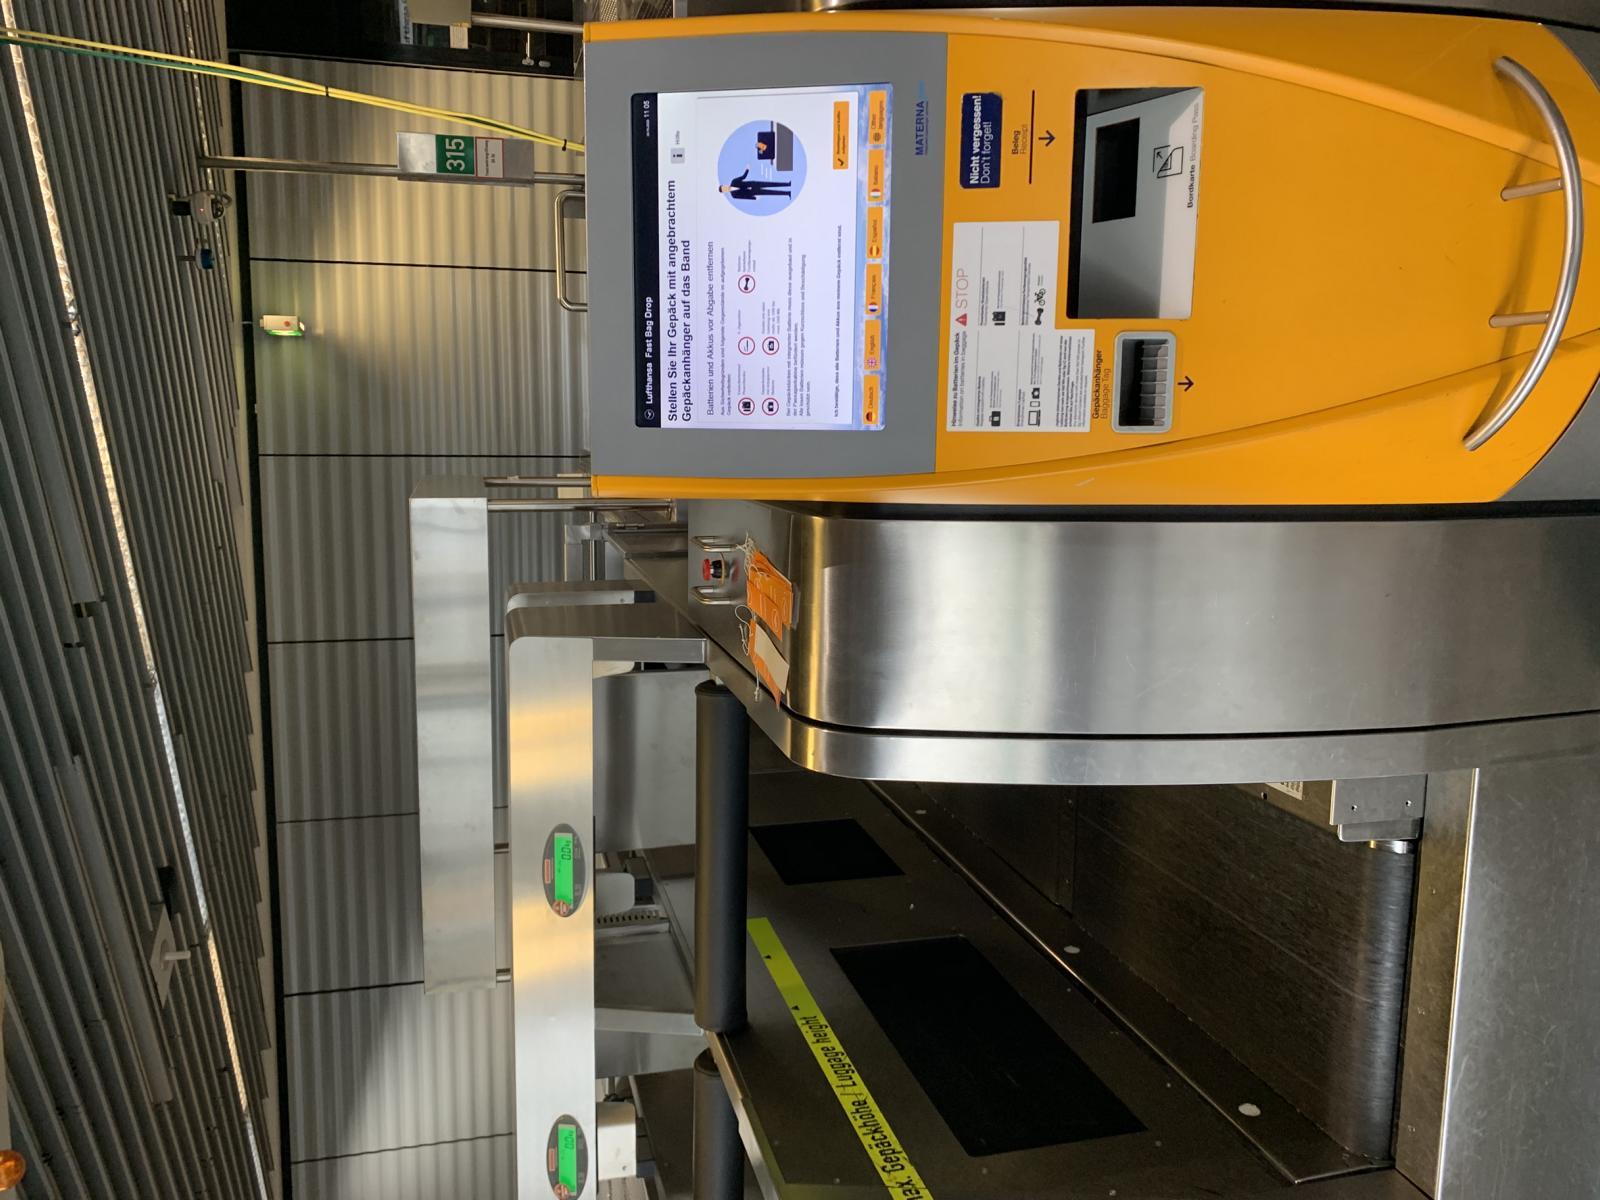 Koffercheckin Flughafen Frankfurt